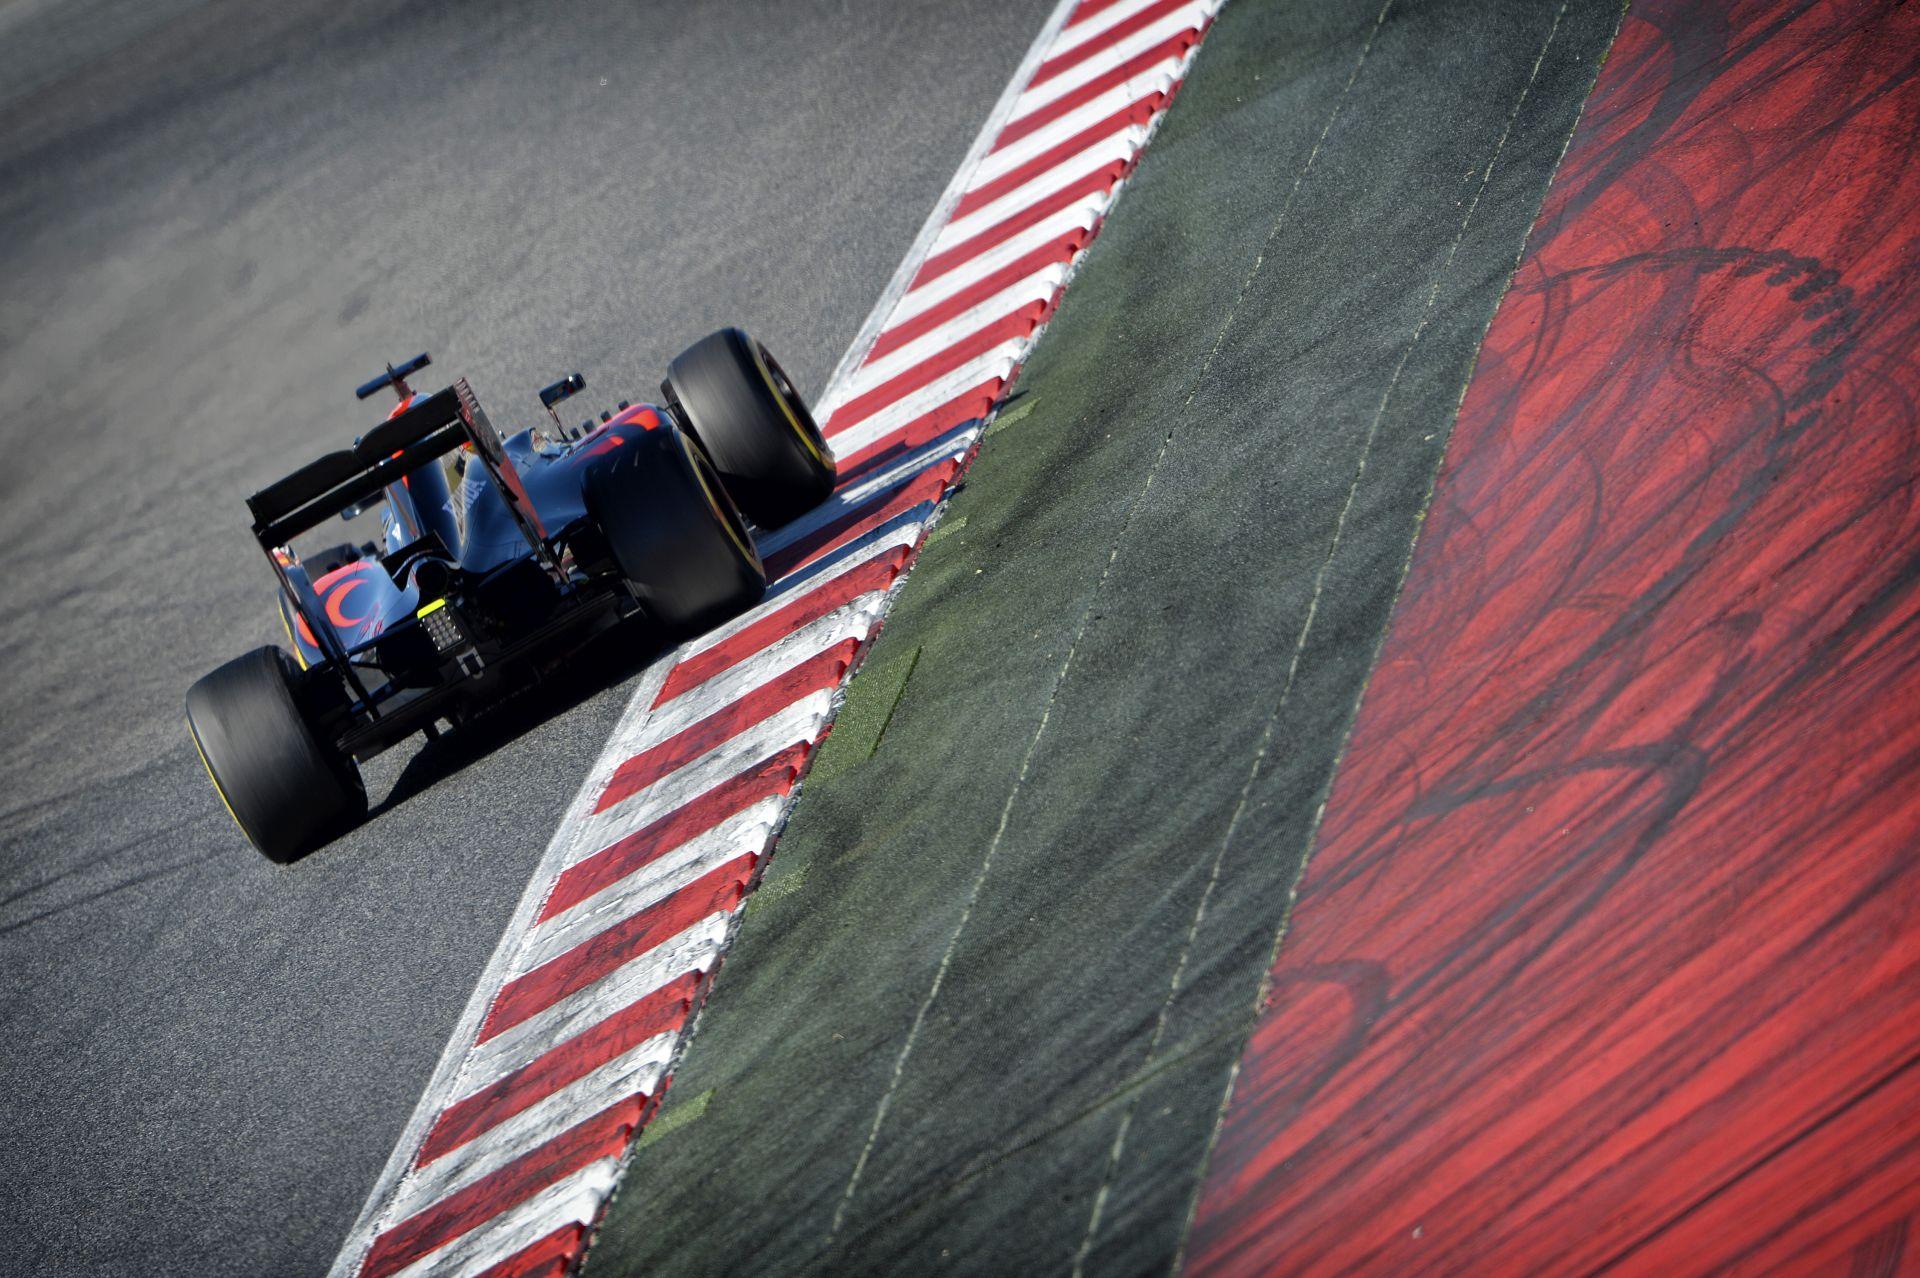 Végre egy pozitív nap a McLaren-Hondánál: jön az új aero csomag!